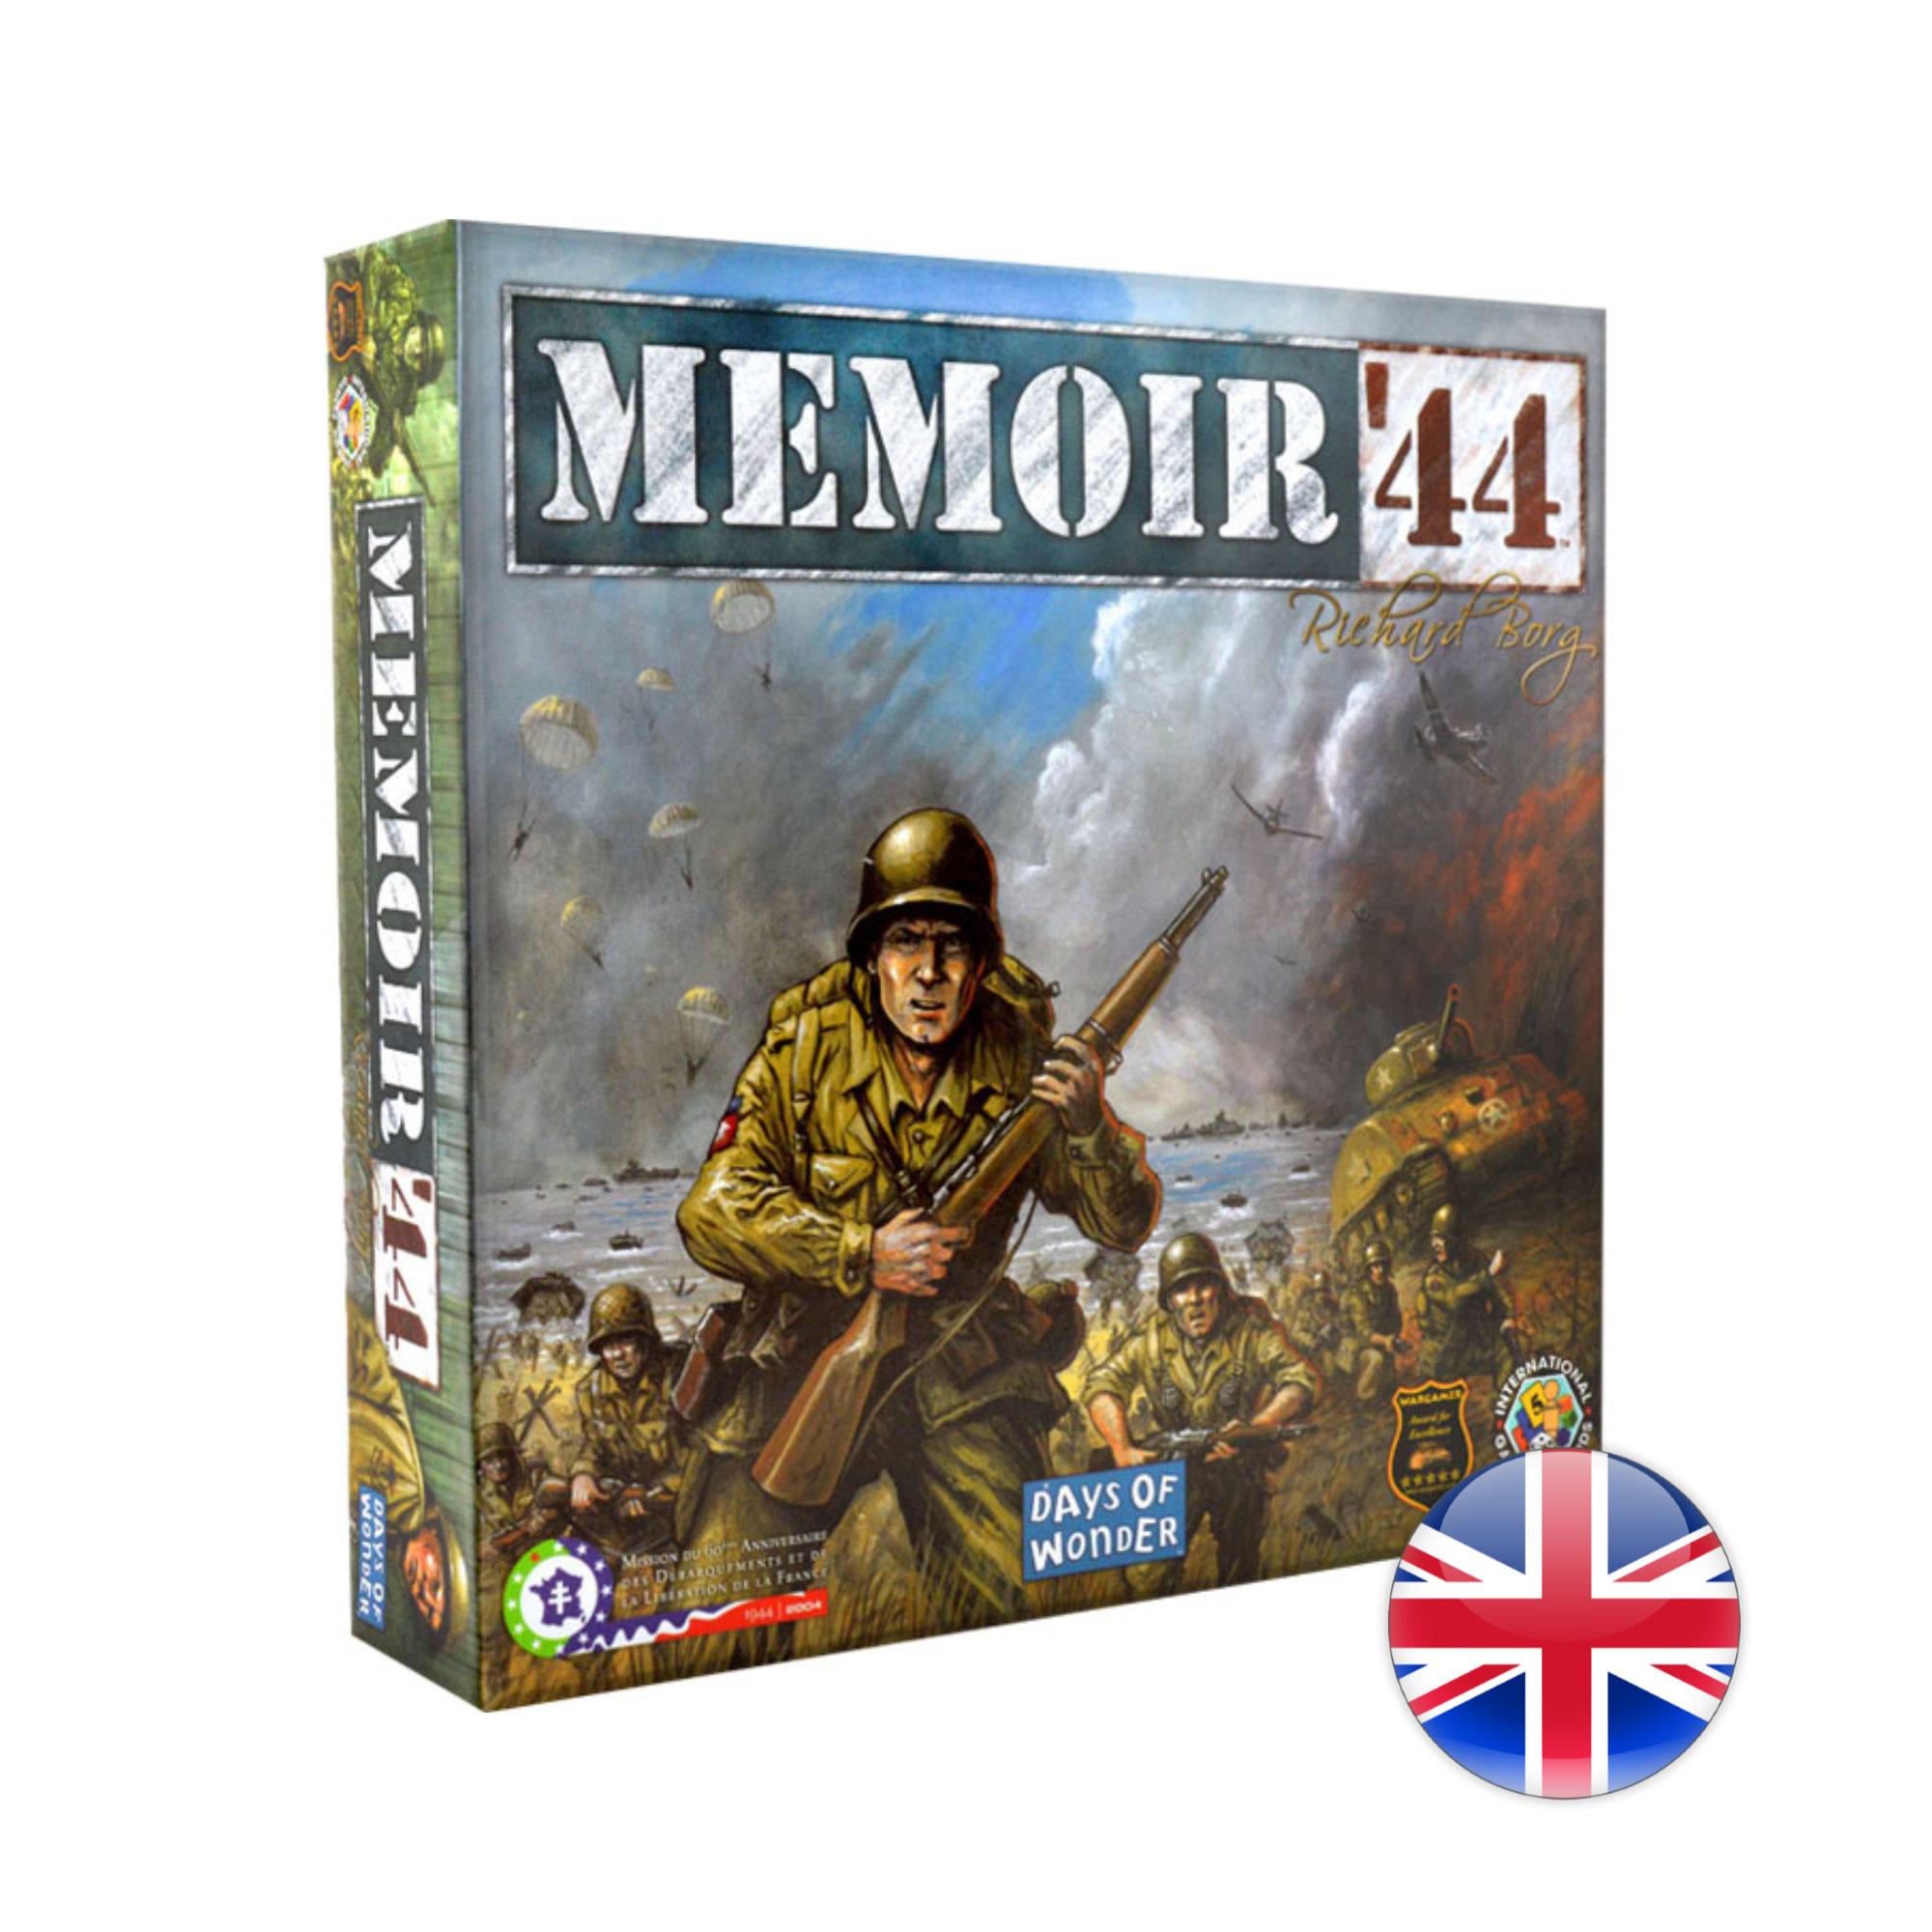 Days of Wonder Memoir '44 VA